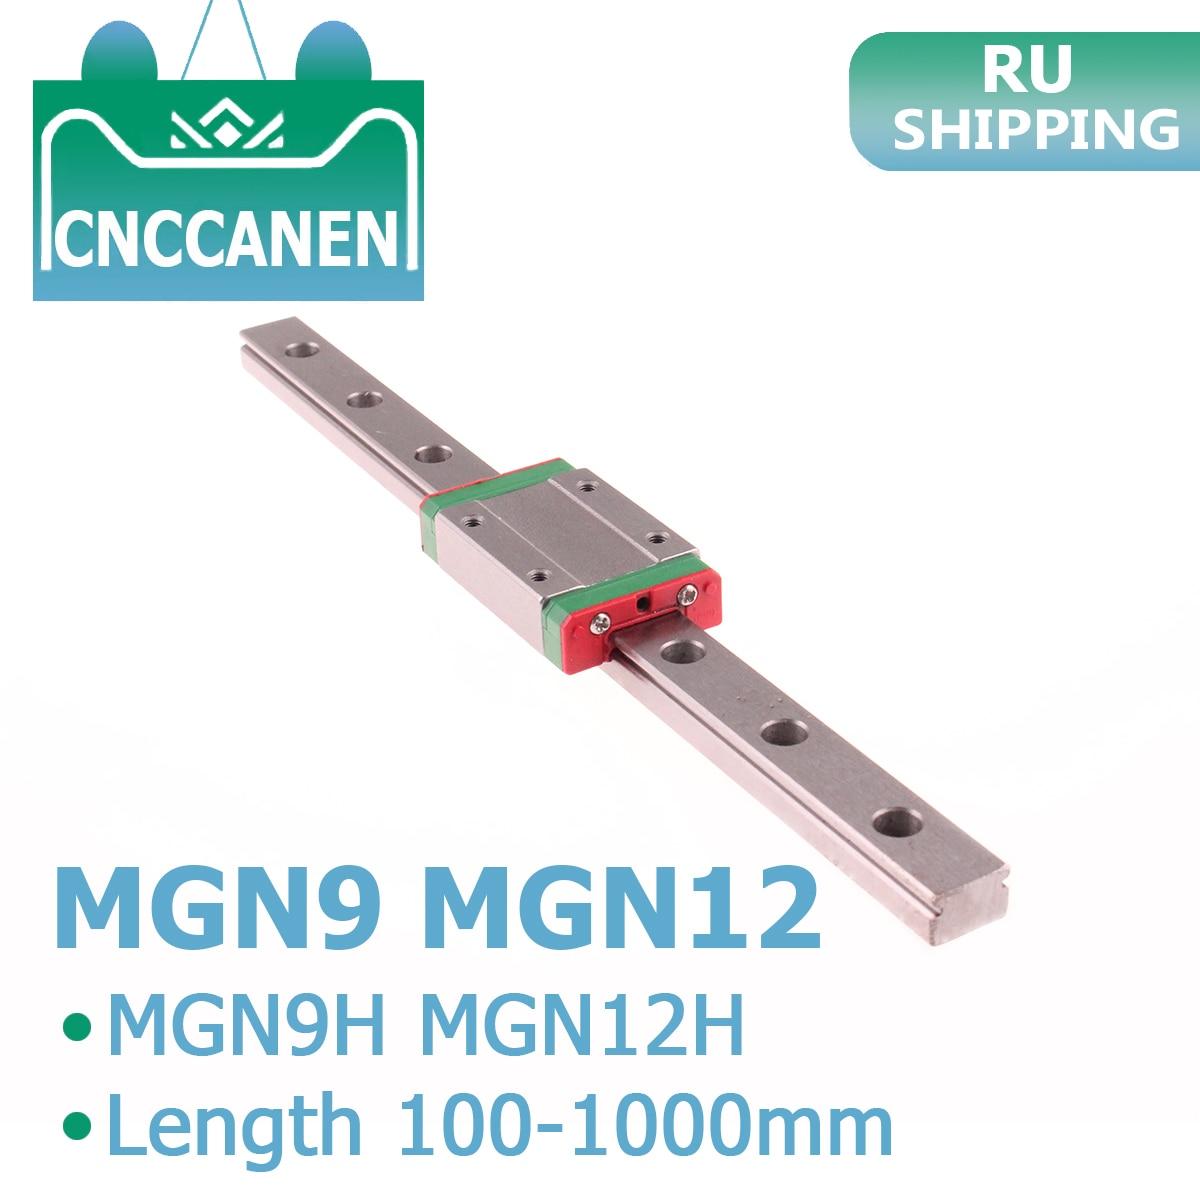 Cnc 3D Printer MGN9 MGN12 100 Mm-1000 Mm 300 600 Mm Miniatuur Lineaire Spoor Glijbaan 1 Stuks Mgn lineaire Gids MGN9H Vervoer MGN12H Blok